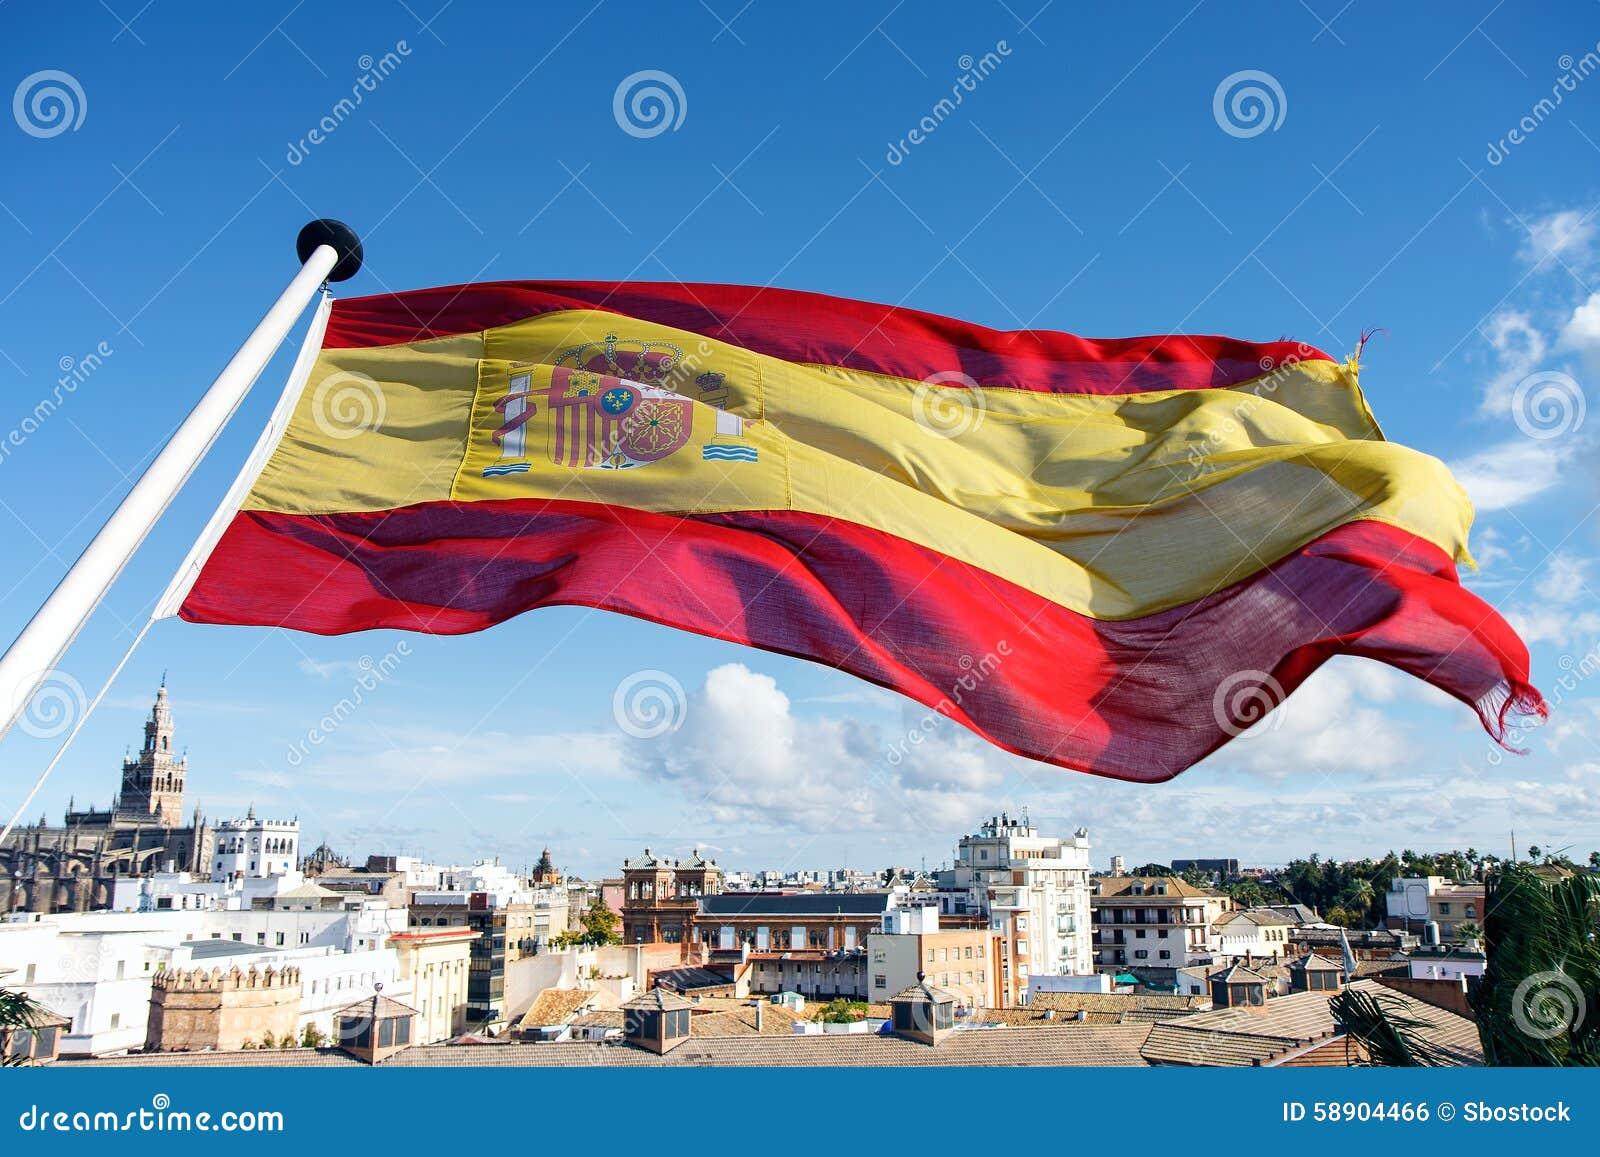 Bandera española que vuela sobre la ciudad de Sevilla